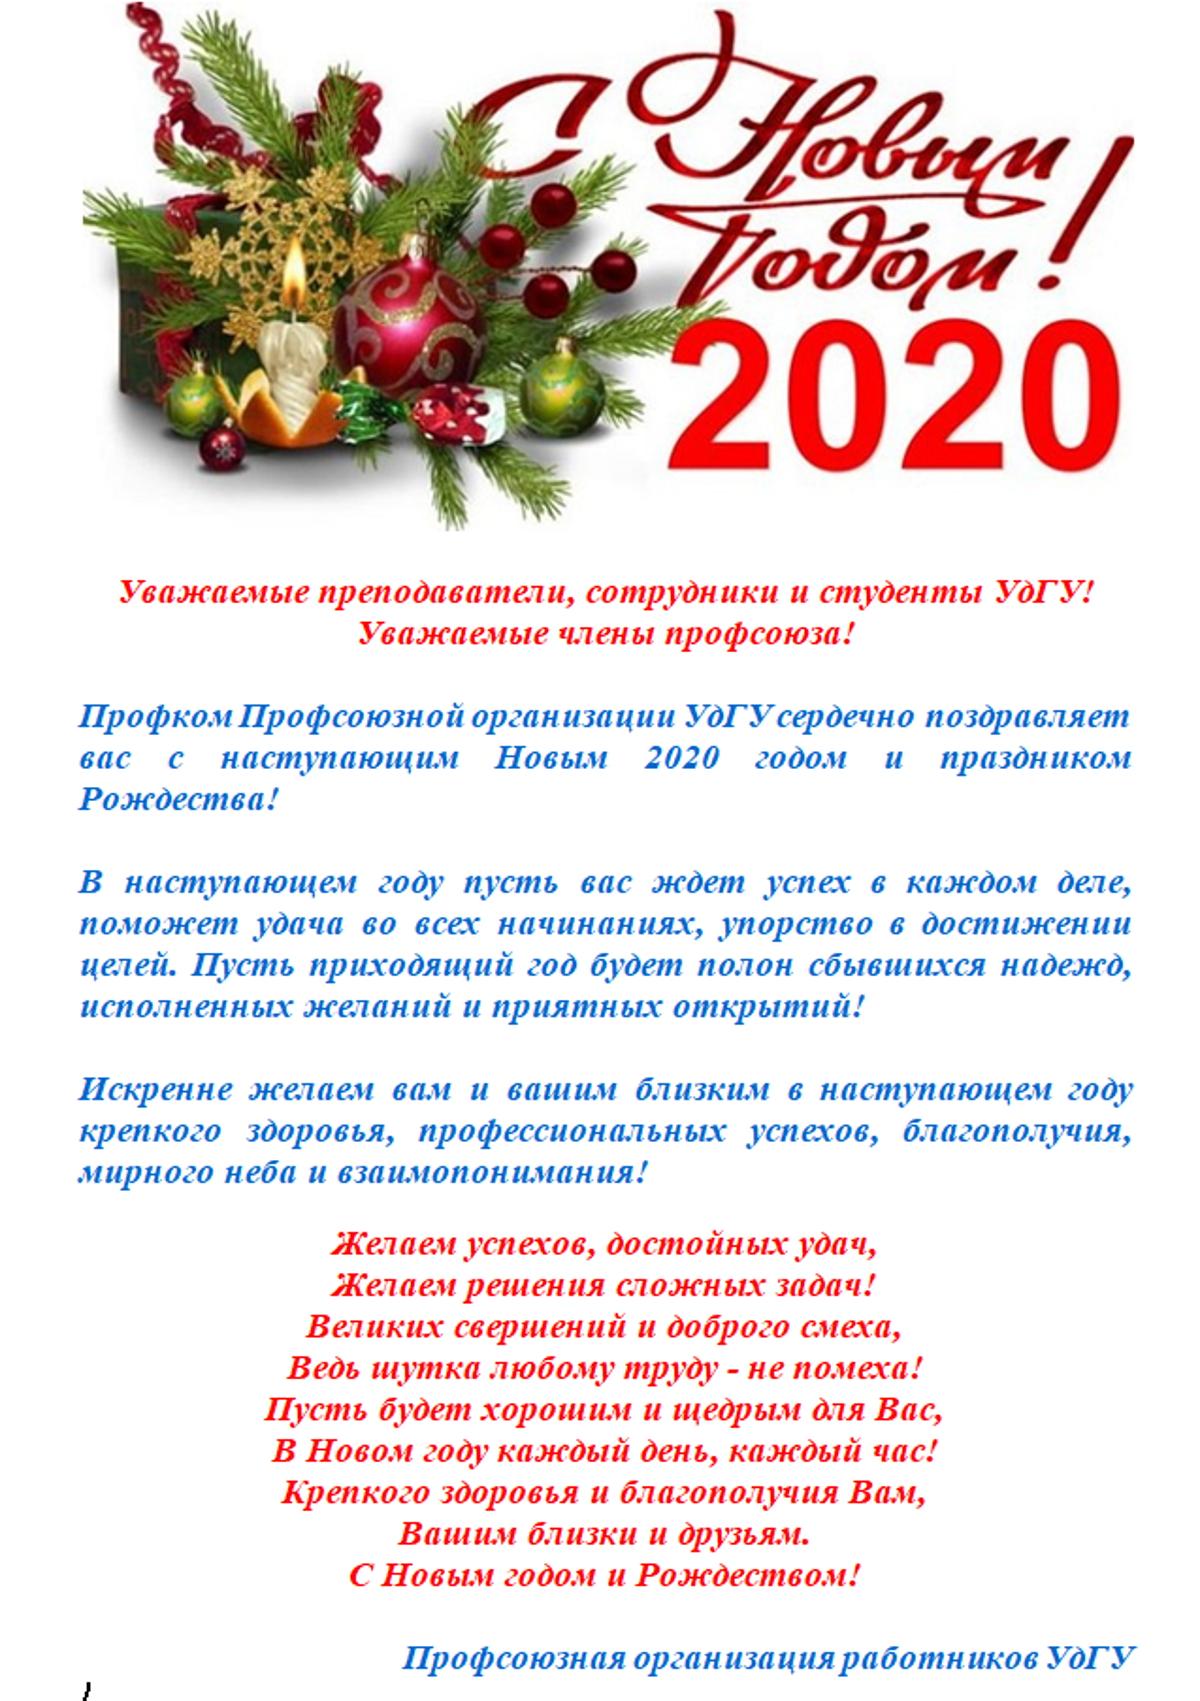 Поздравление профкома с Новым 2020 годом